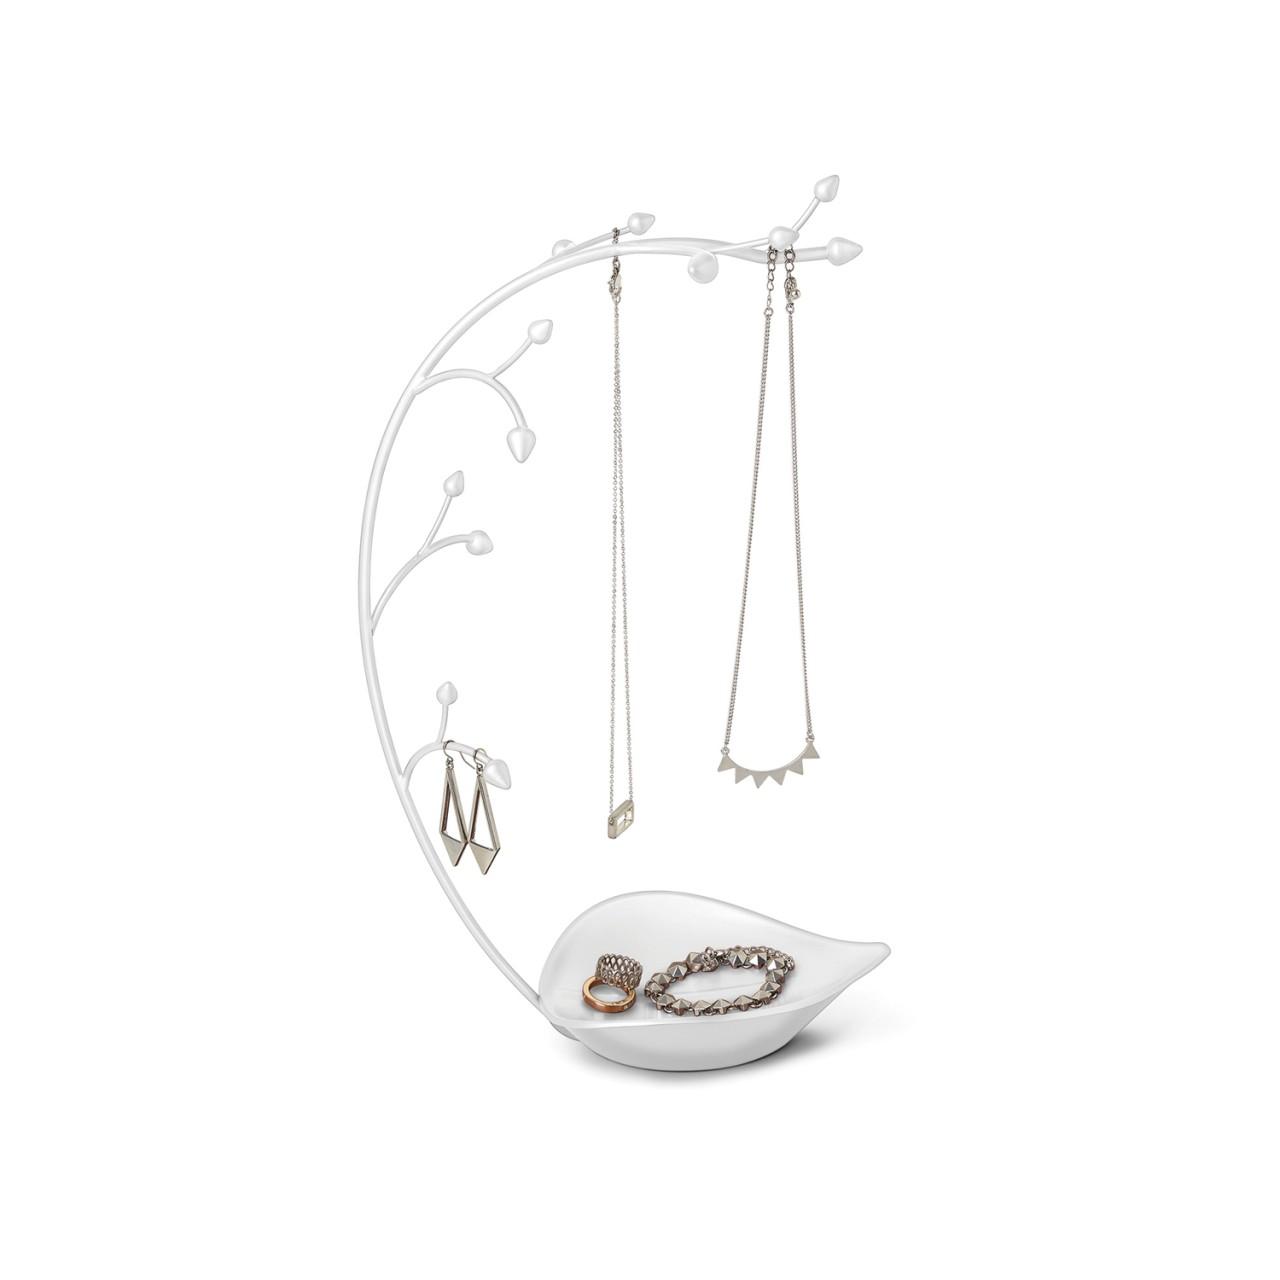 Umbra - Orchid Schmuckbaum für Ketten & Accessoires | Schmuckständer mit Ablage